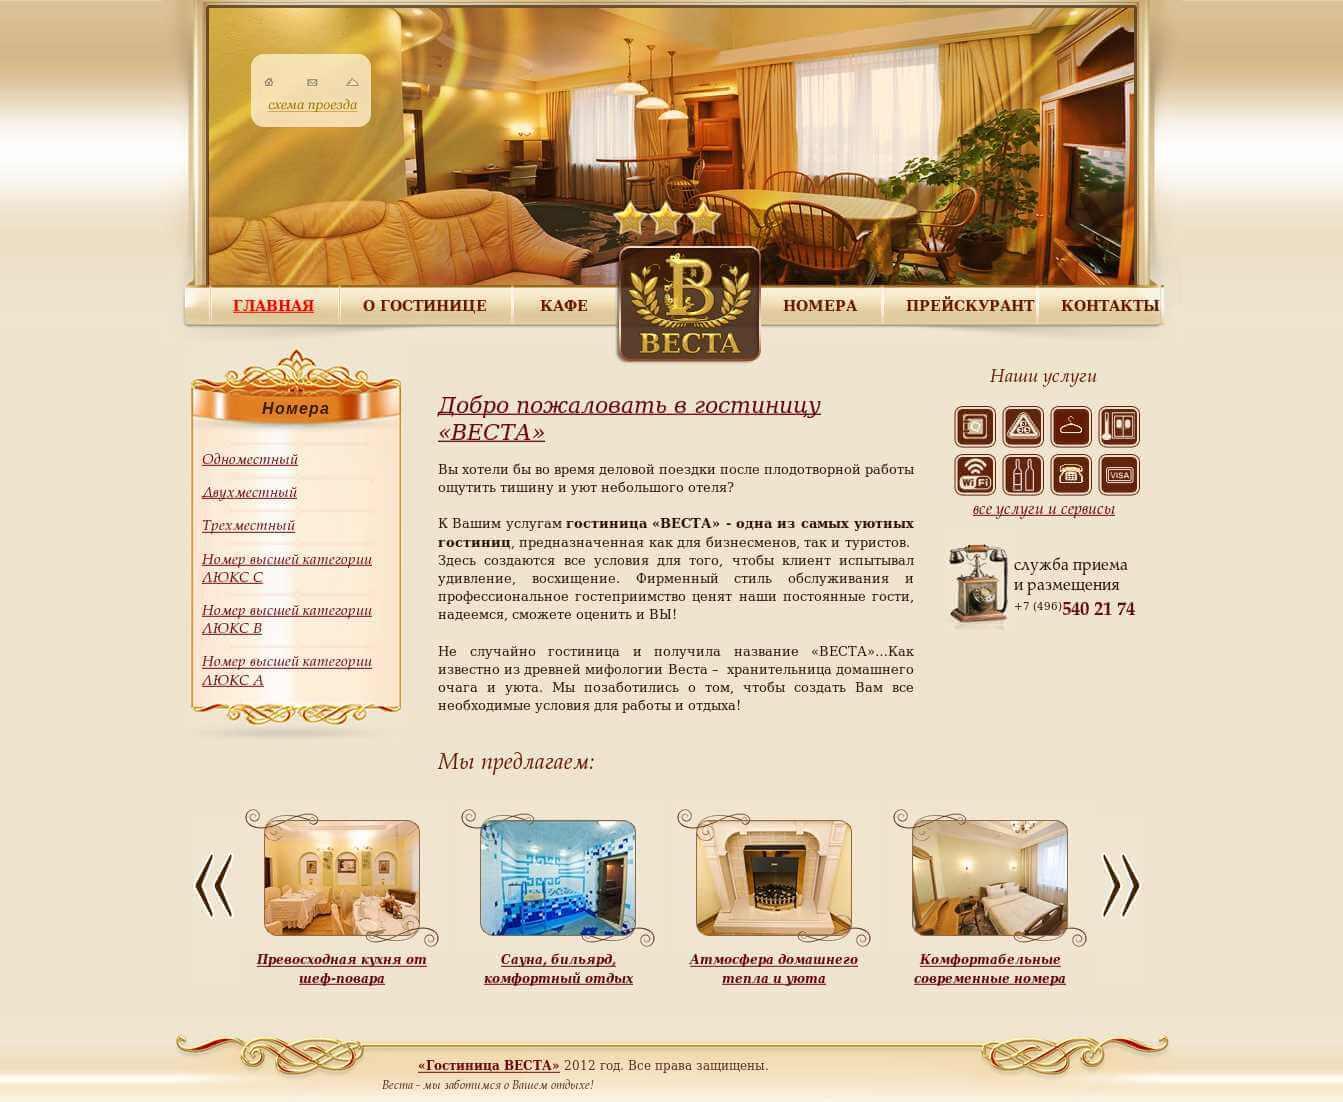 Разработка сайта для гостиницы под ключ